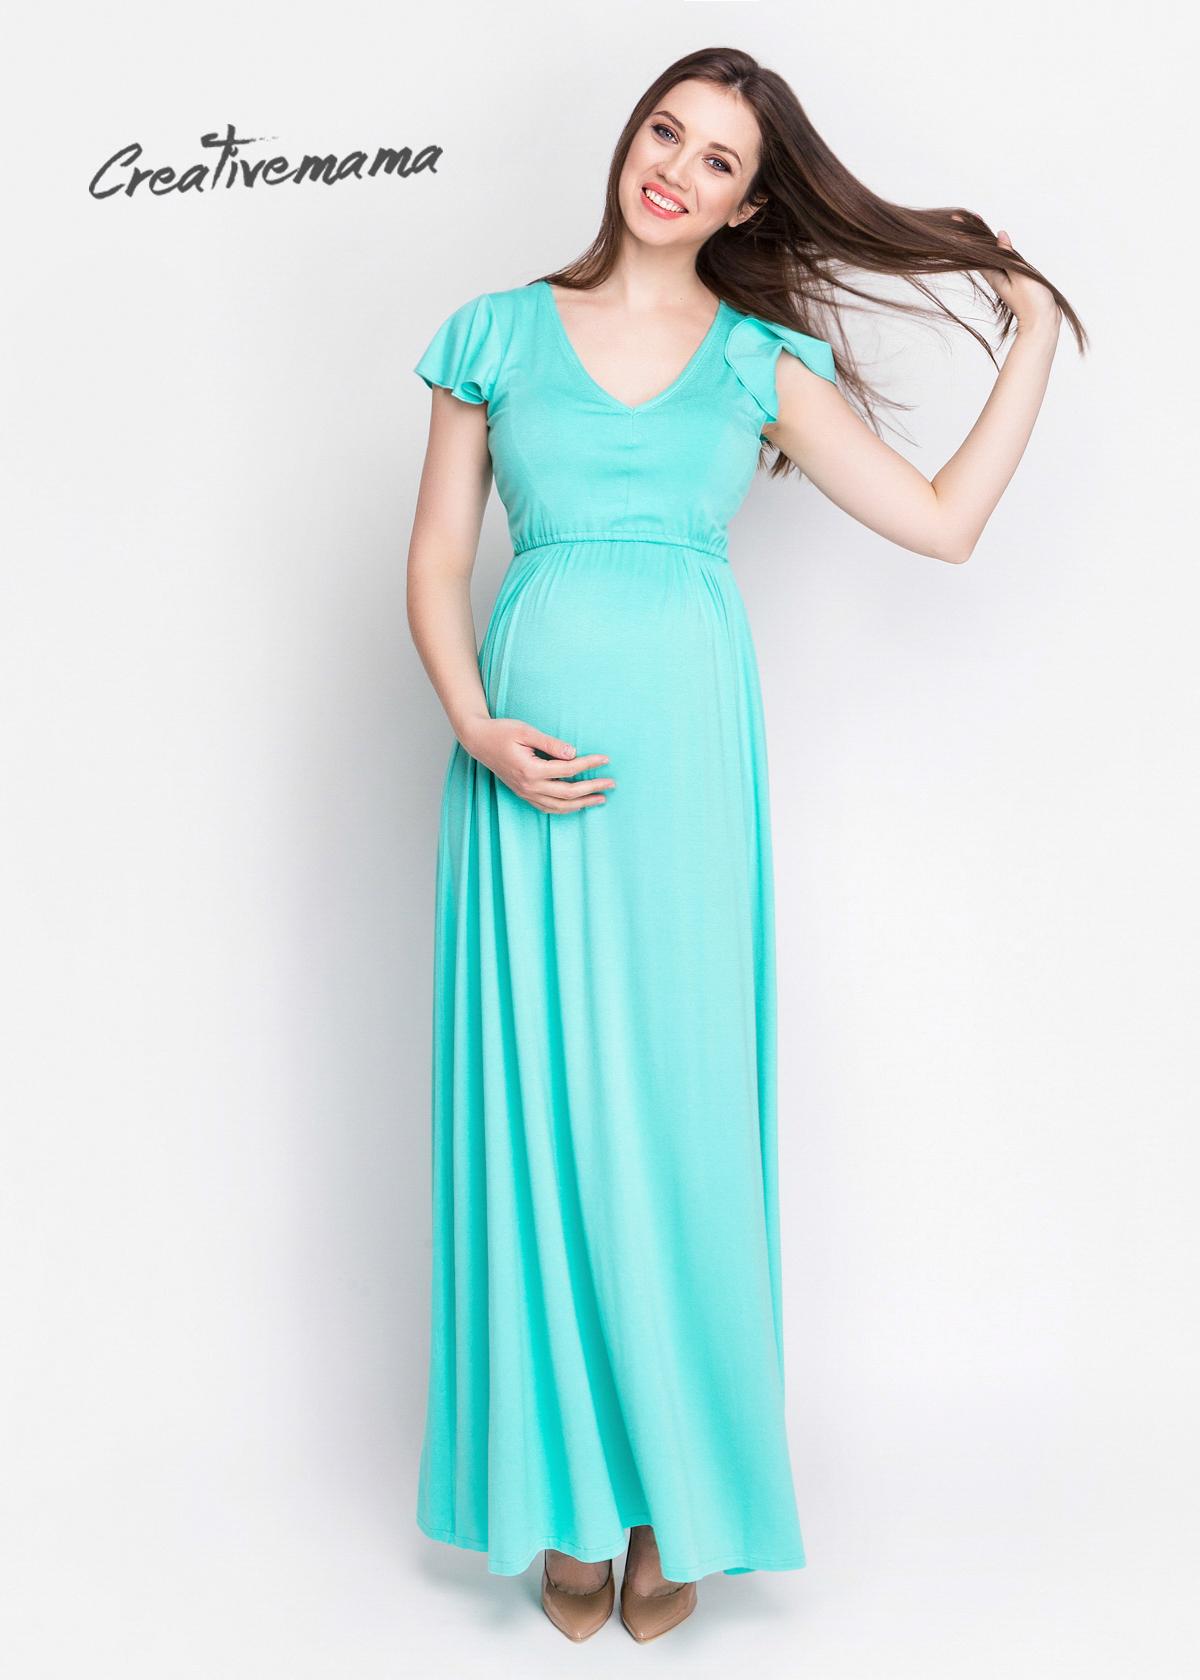 Фото: длинный сарафан летний mint для беременной девушки